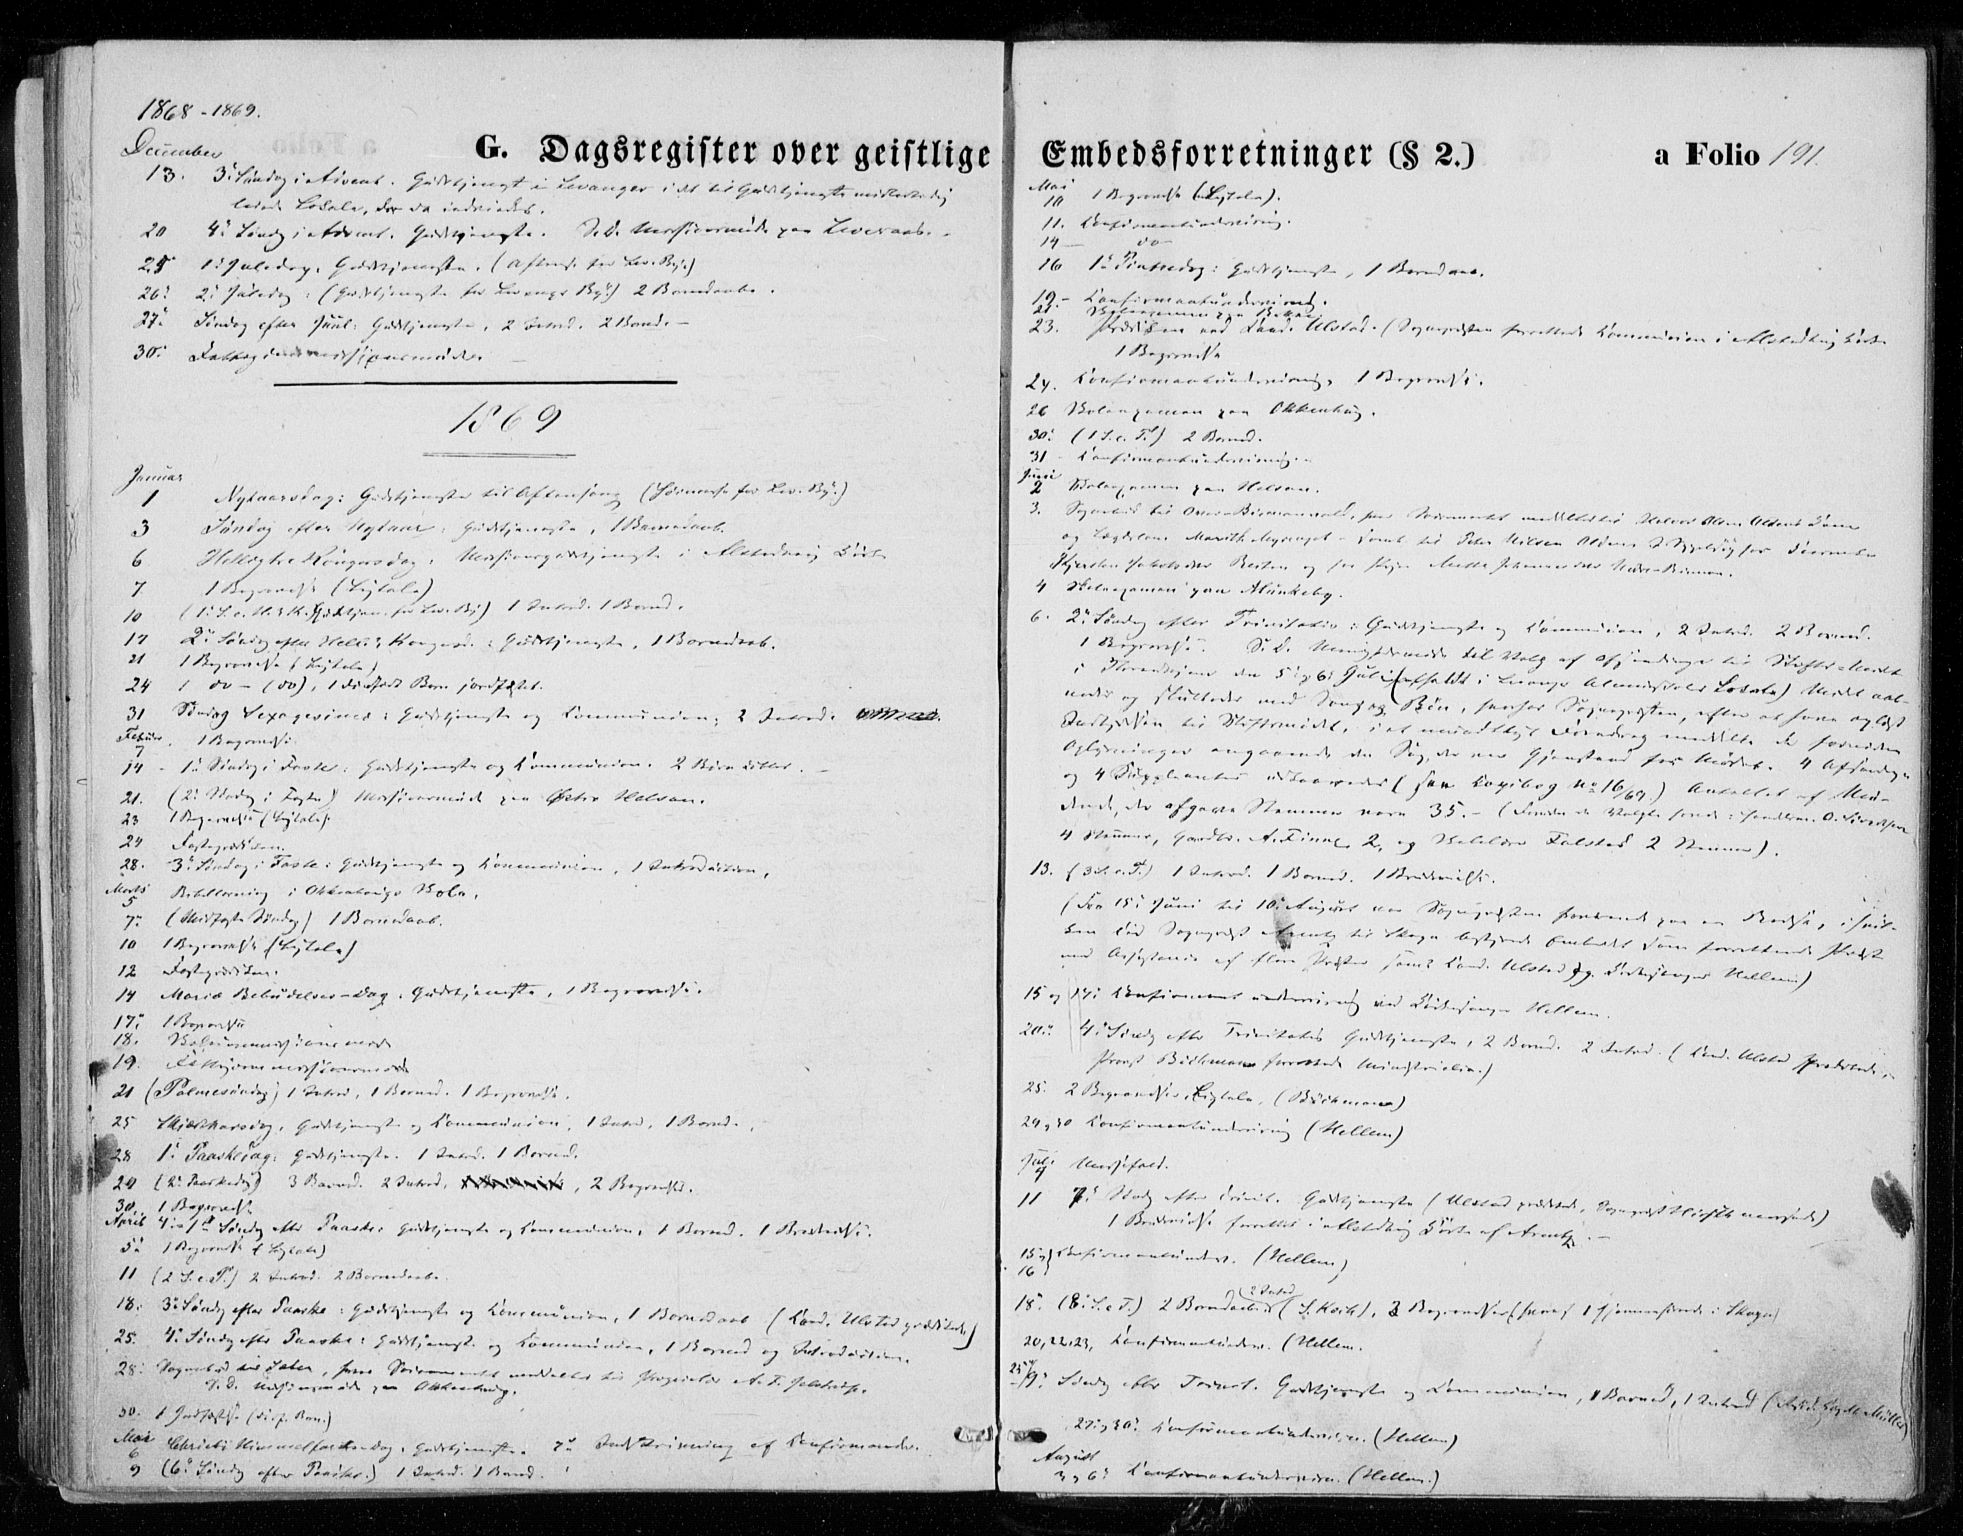 SAT, Ministerialprotokoller, klokkerbøker og fødselsregistre - Nord-Trøndelag, 721/L0206: Ministerialbok nr. 721A01, 1864-1874, s. 191